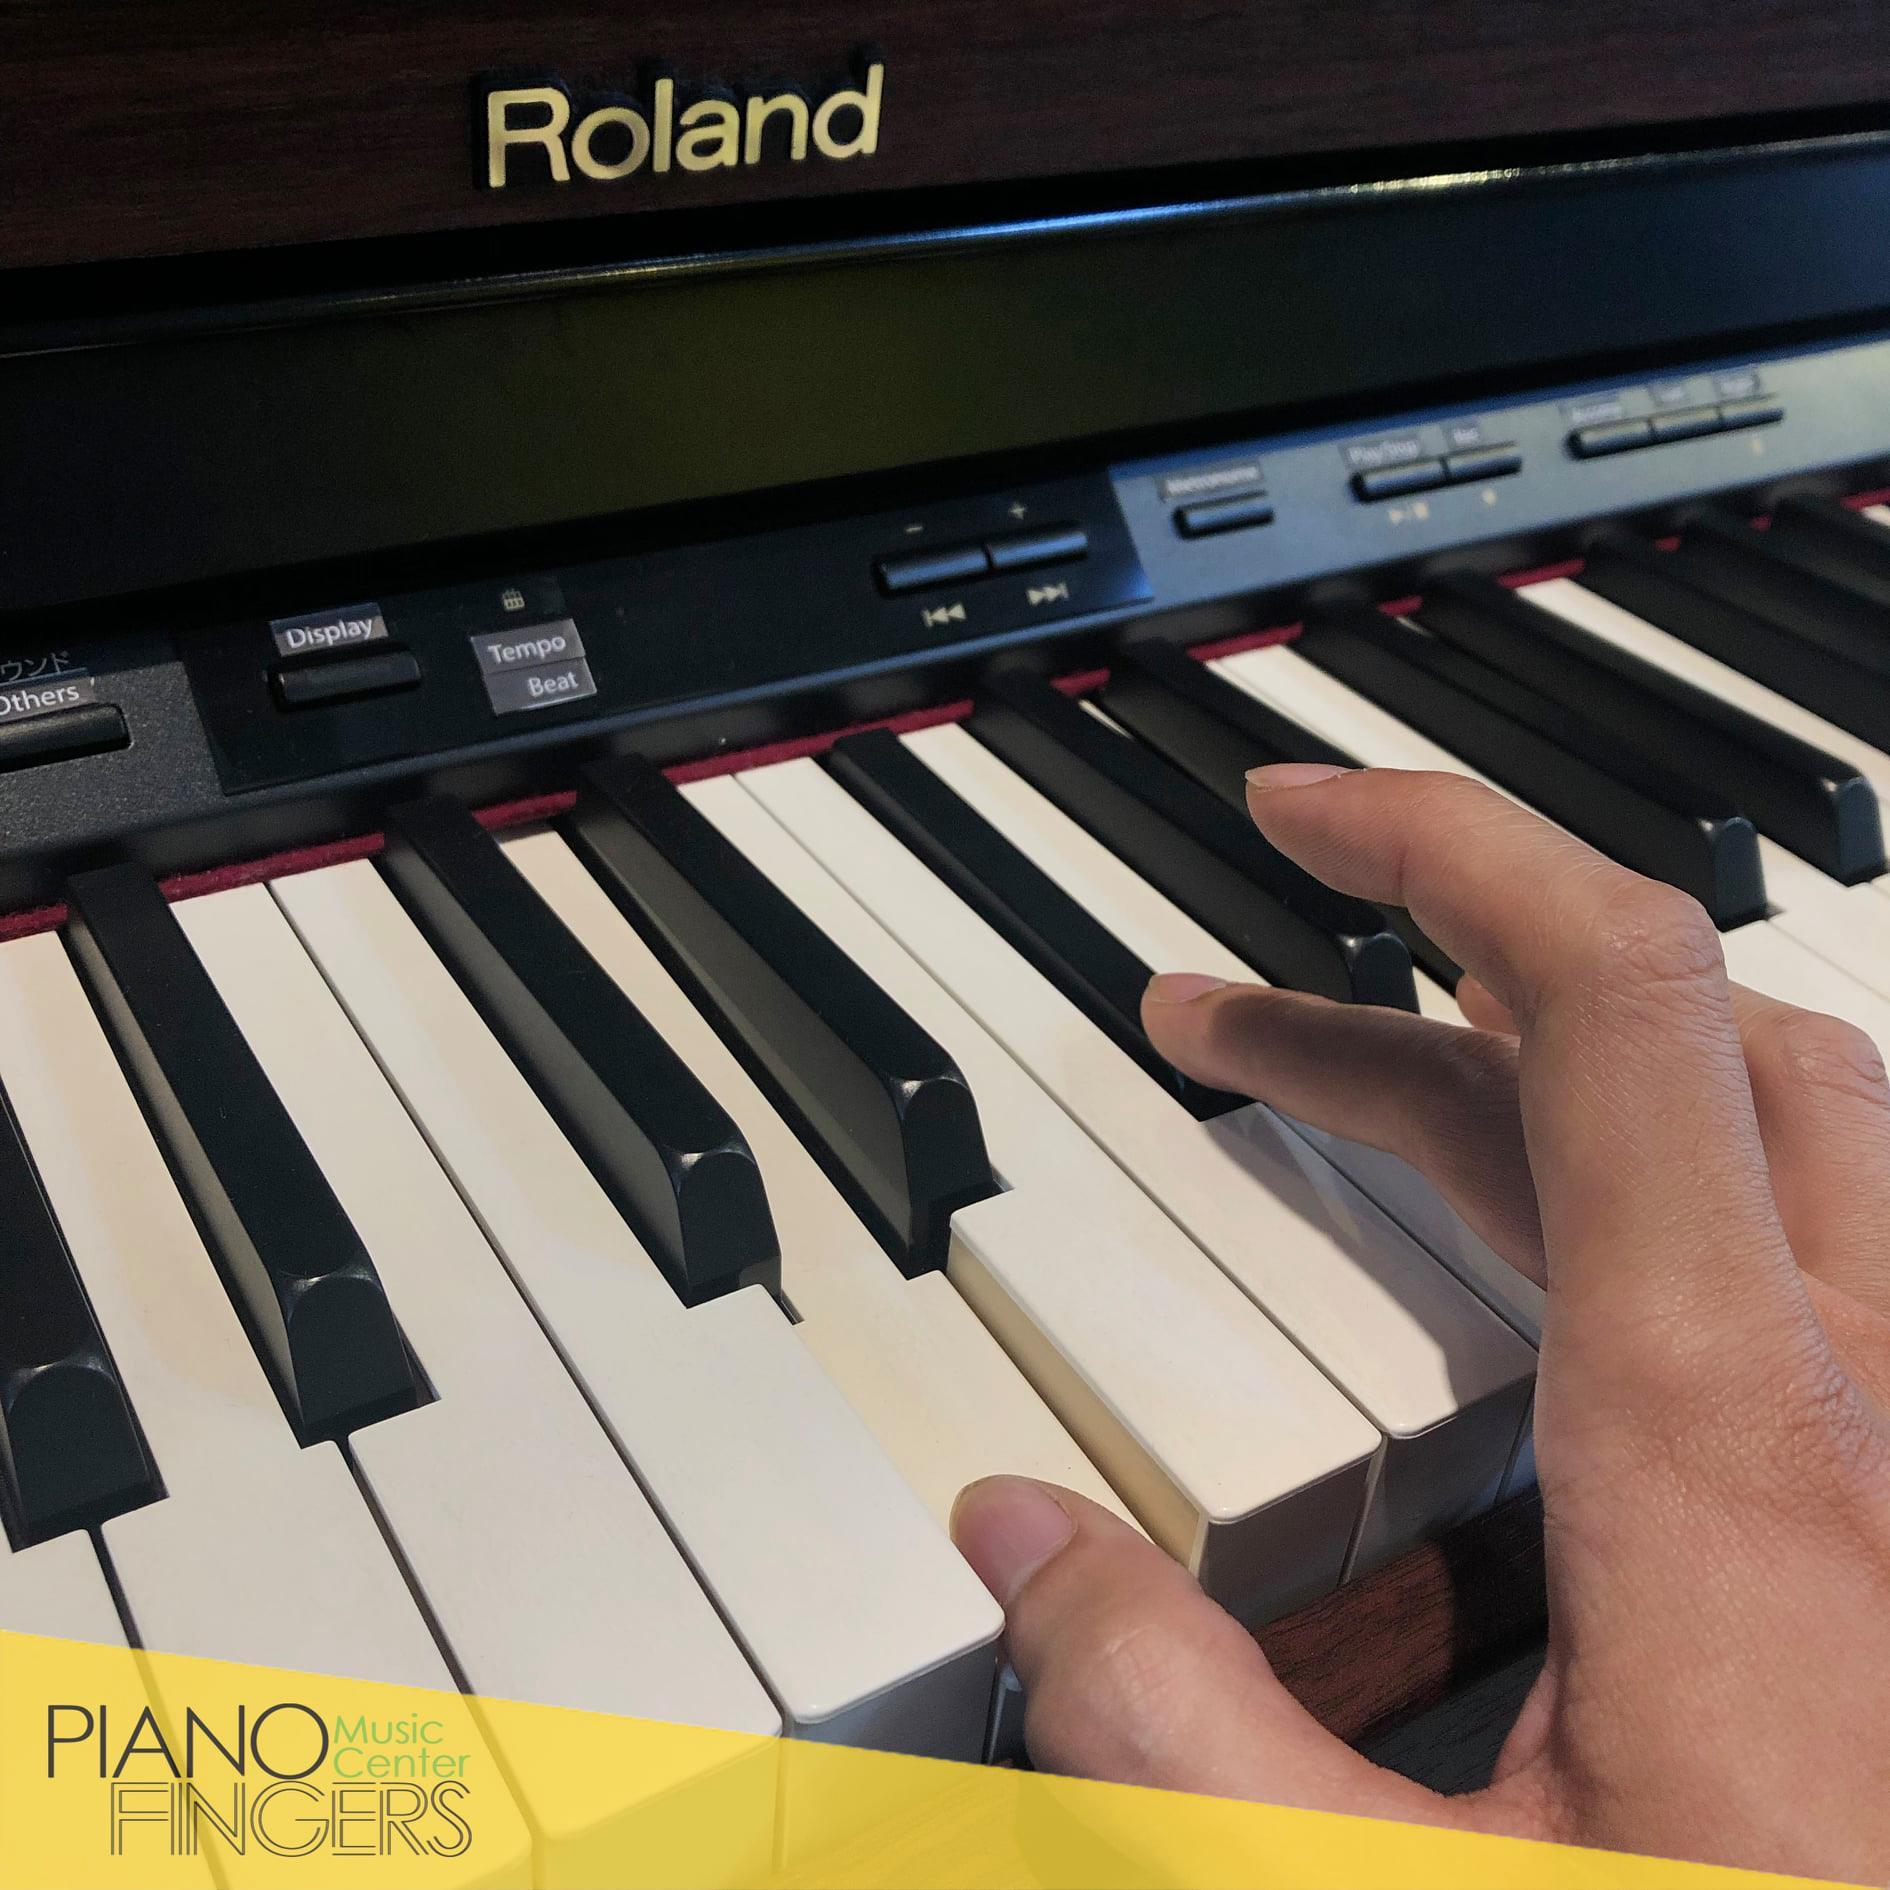 Hướng dẫn sử dụng Roland HP-305 Manual